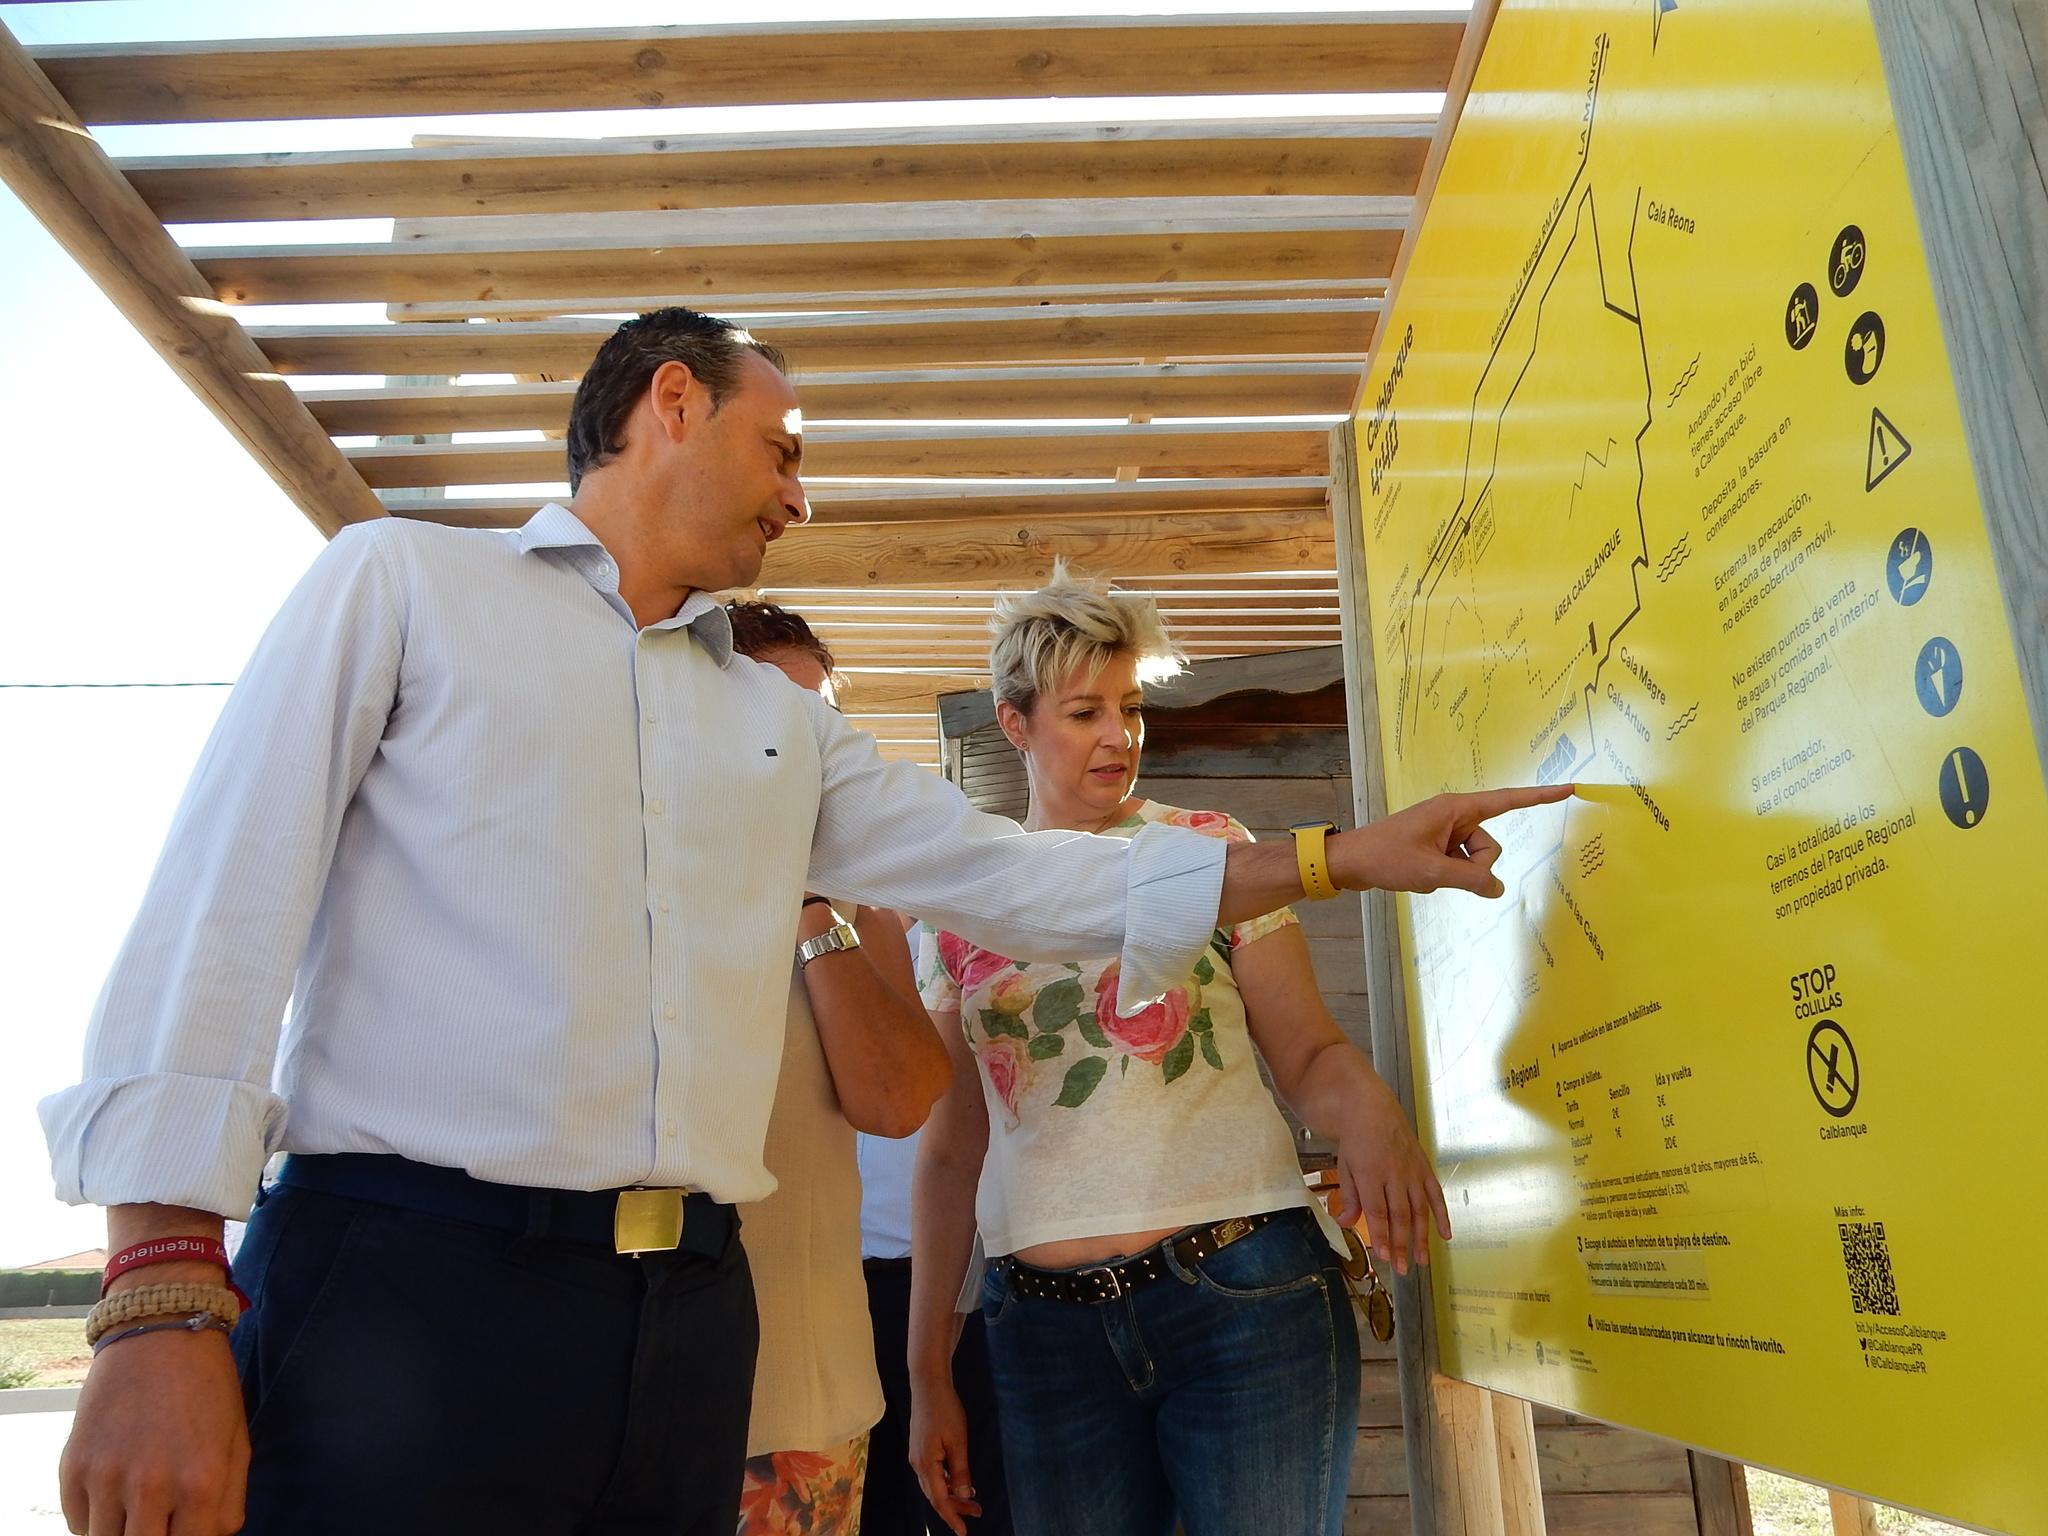 Imagen del consejero de Turismo, Cultura y Medio Ambiente, Javier Celdrán, observando el cartel del servicio 'Calblanque 4.40'. Imagen: CARM